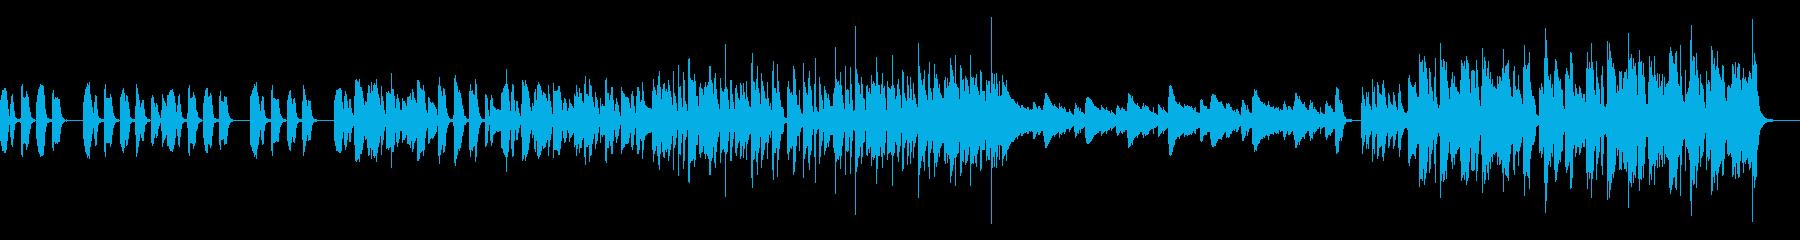 汎用性のある日常系のBGMの再生済みの波形